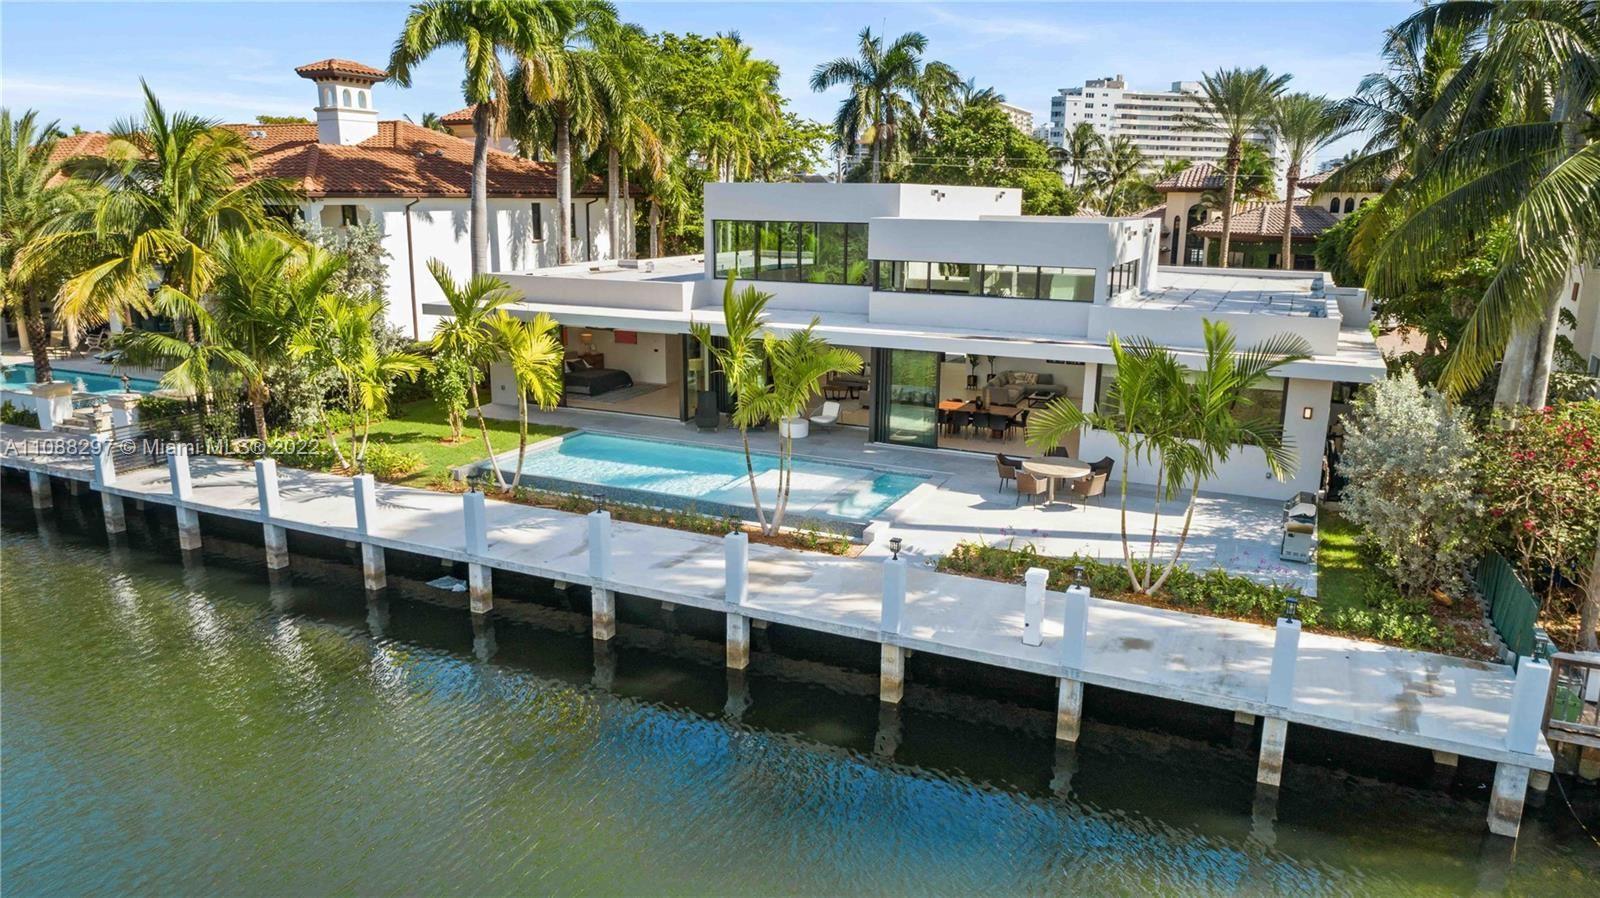 401 Royal Plaza Dr, Fort Lauderdale, FL 33301 - #: A11088297